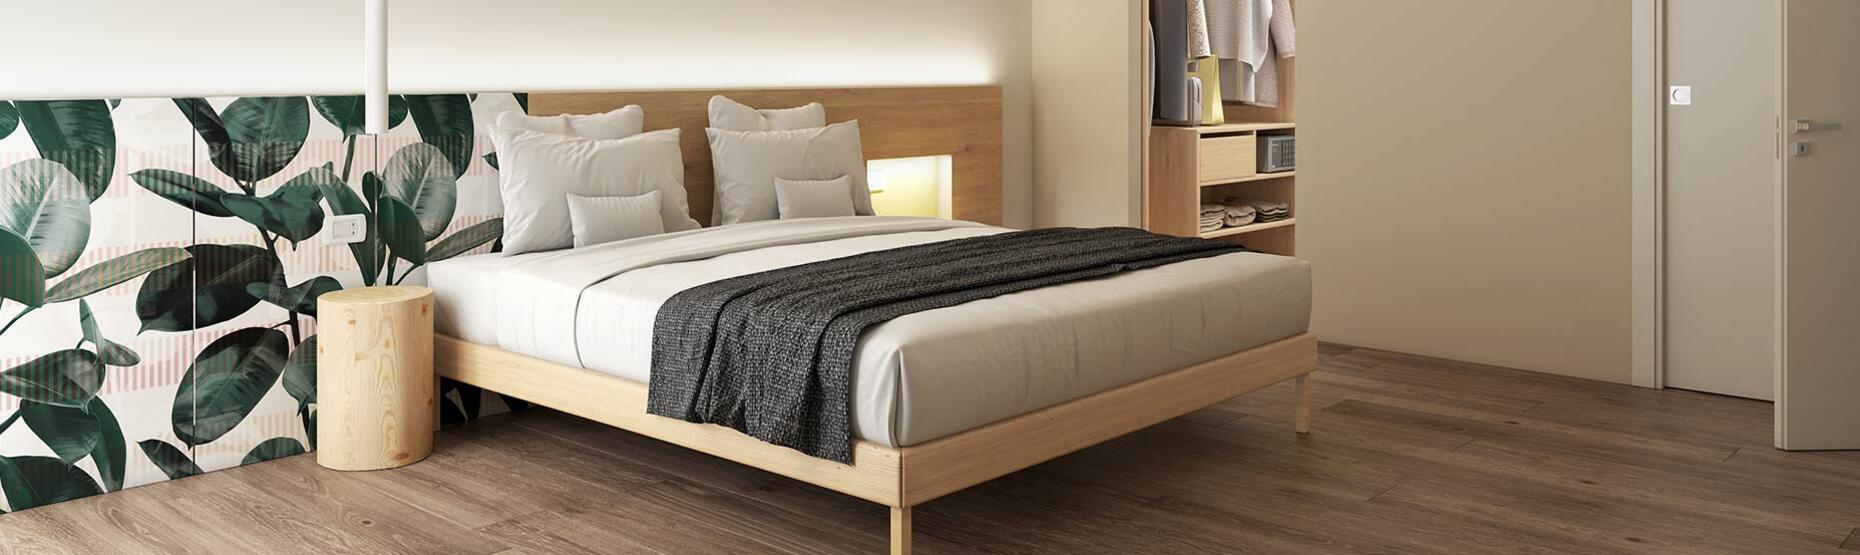 hoteldeiplatani it hotel-con-suite-apartment-rimini 019